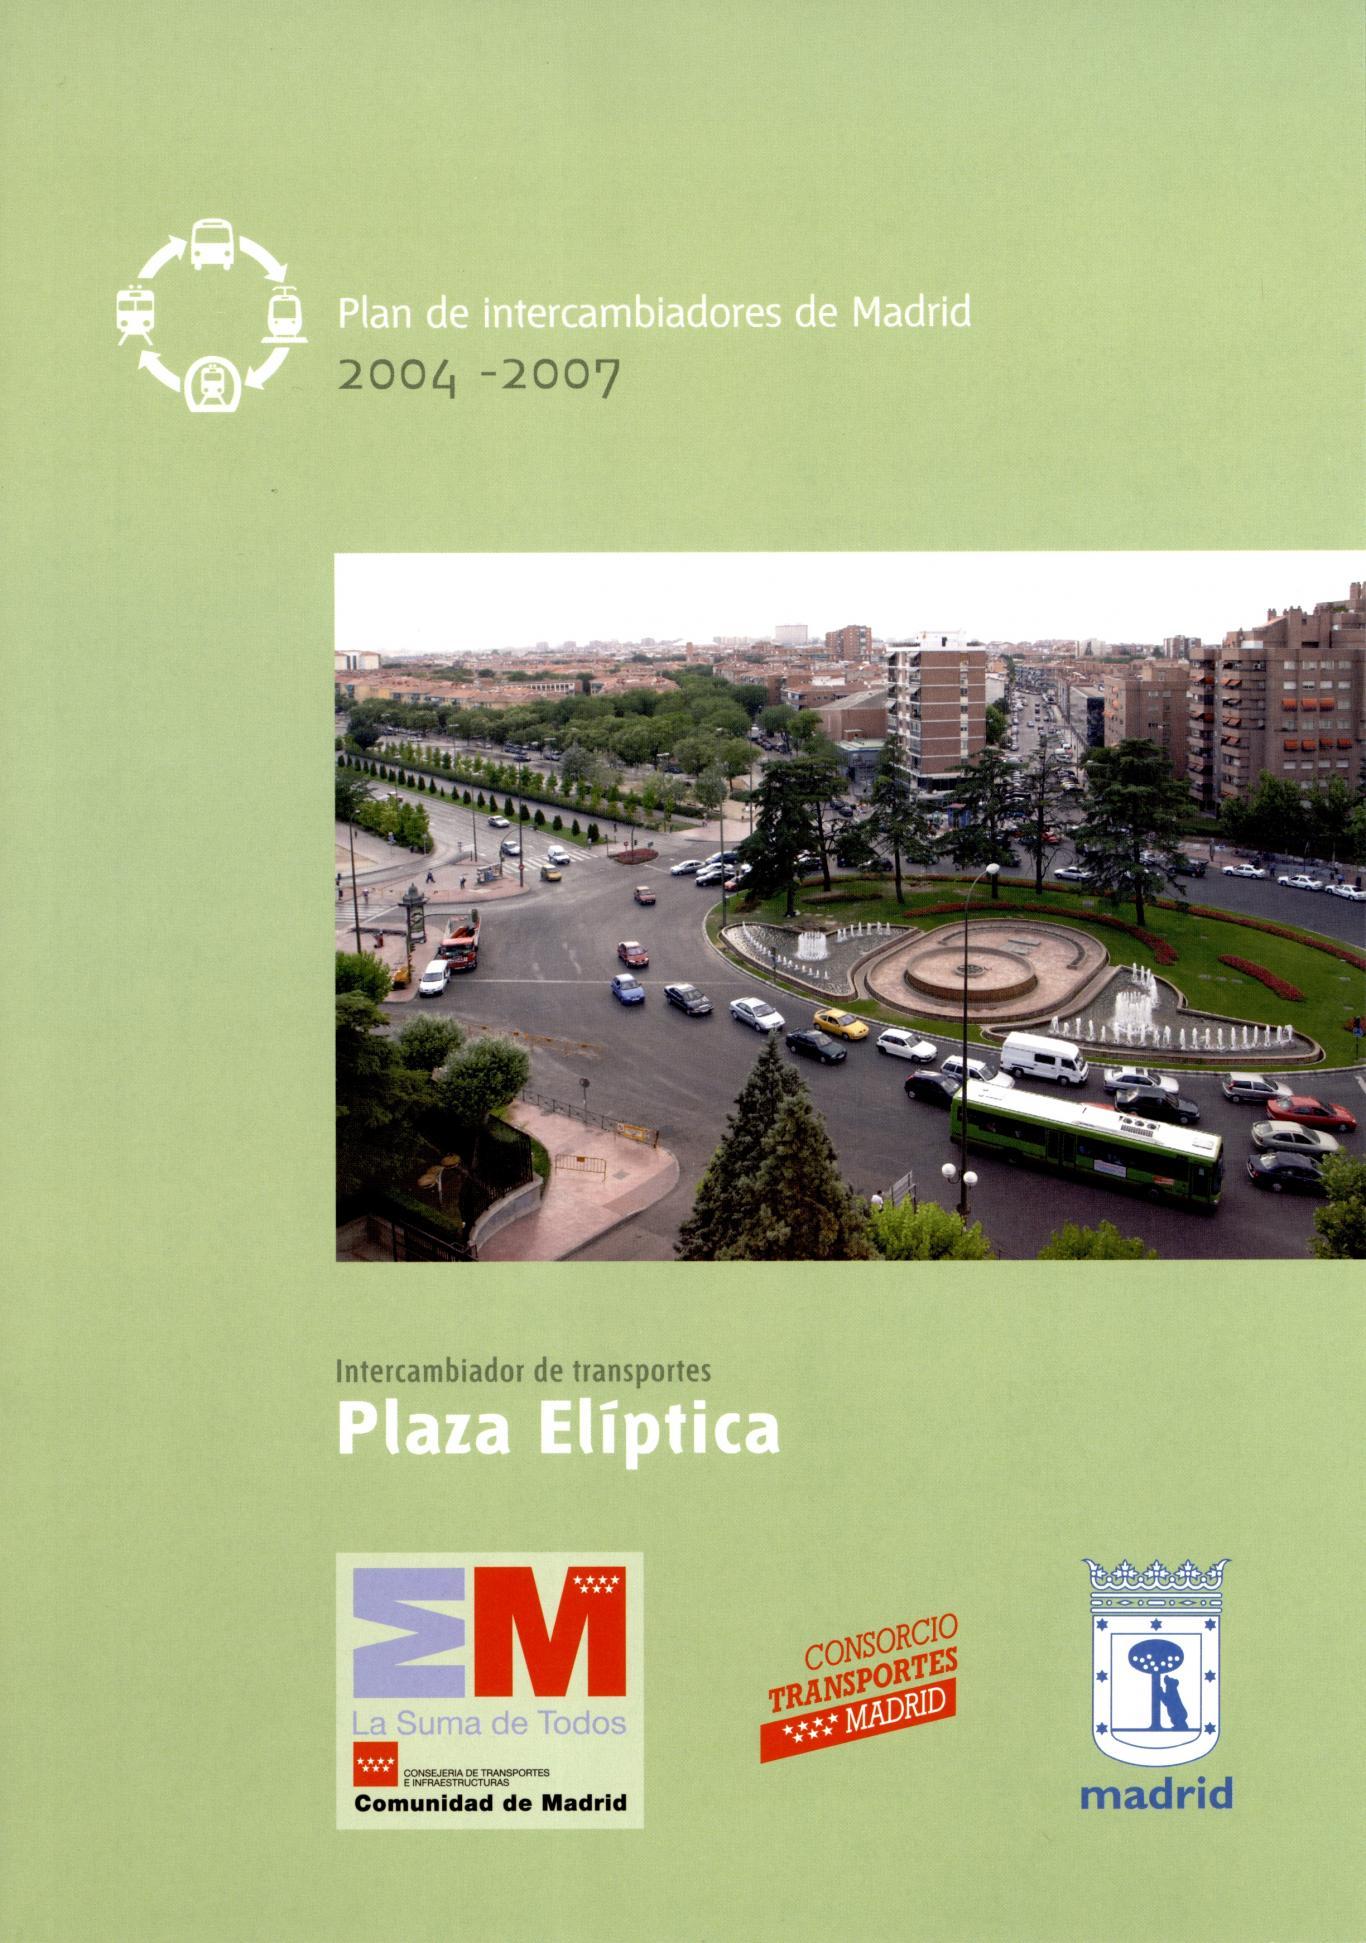 Portada folleto intercambiador Plaza Elíptica